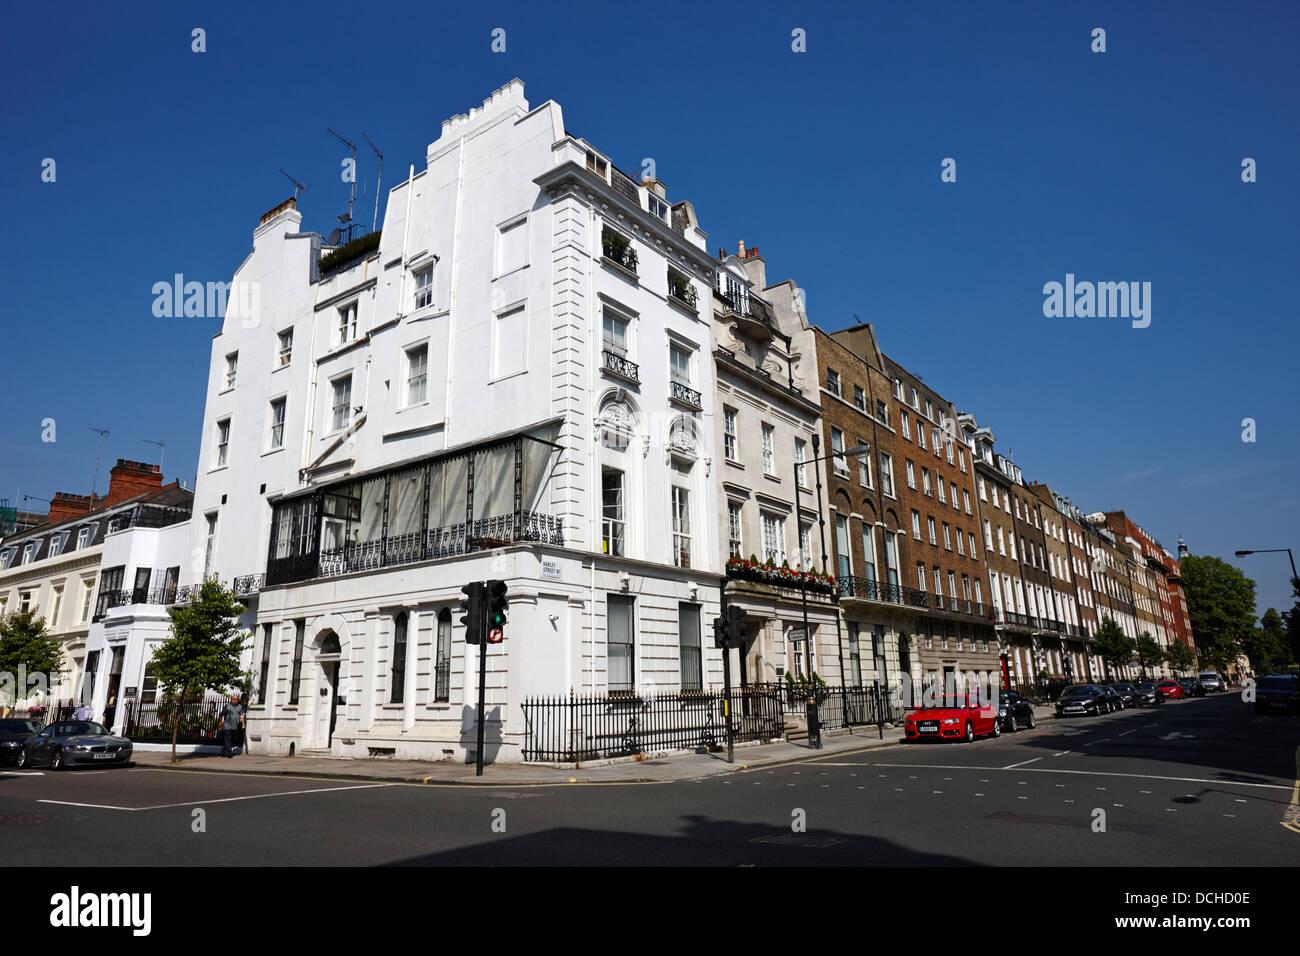 Vista generale di Harley Street Londra Inghilterra REGNO UNITO Immagini Stock